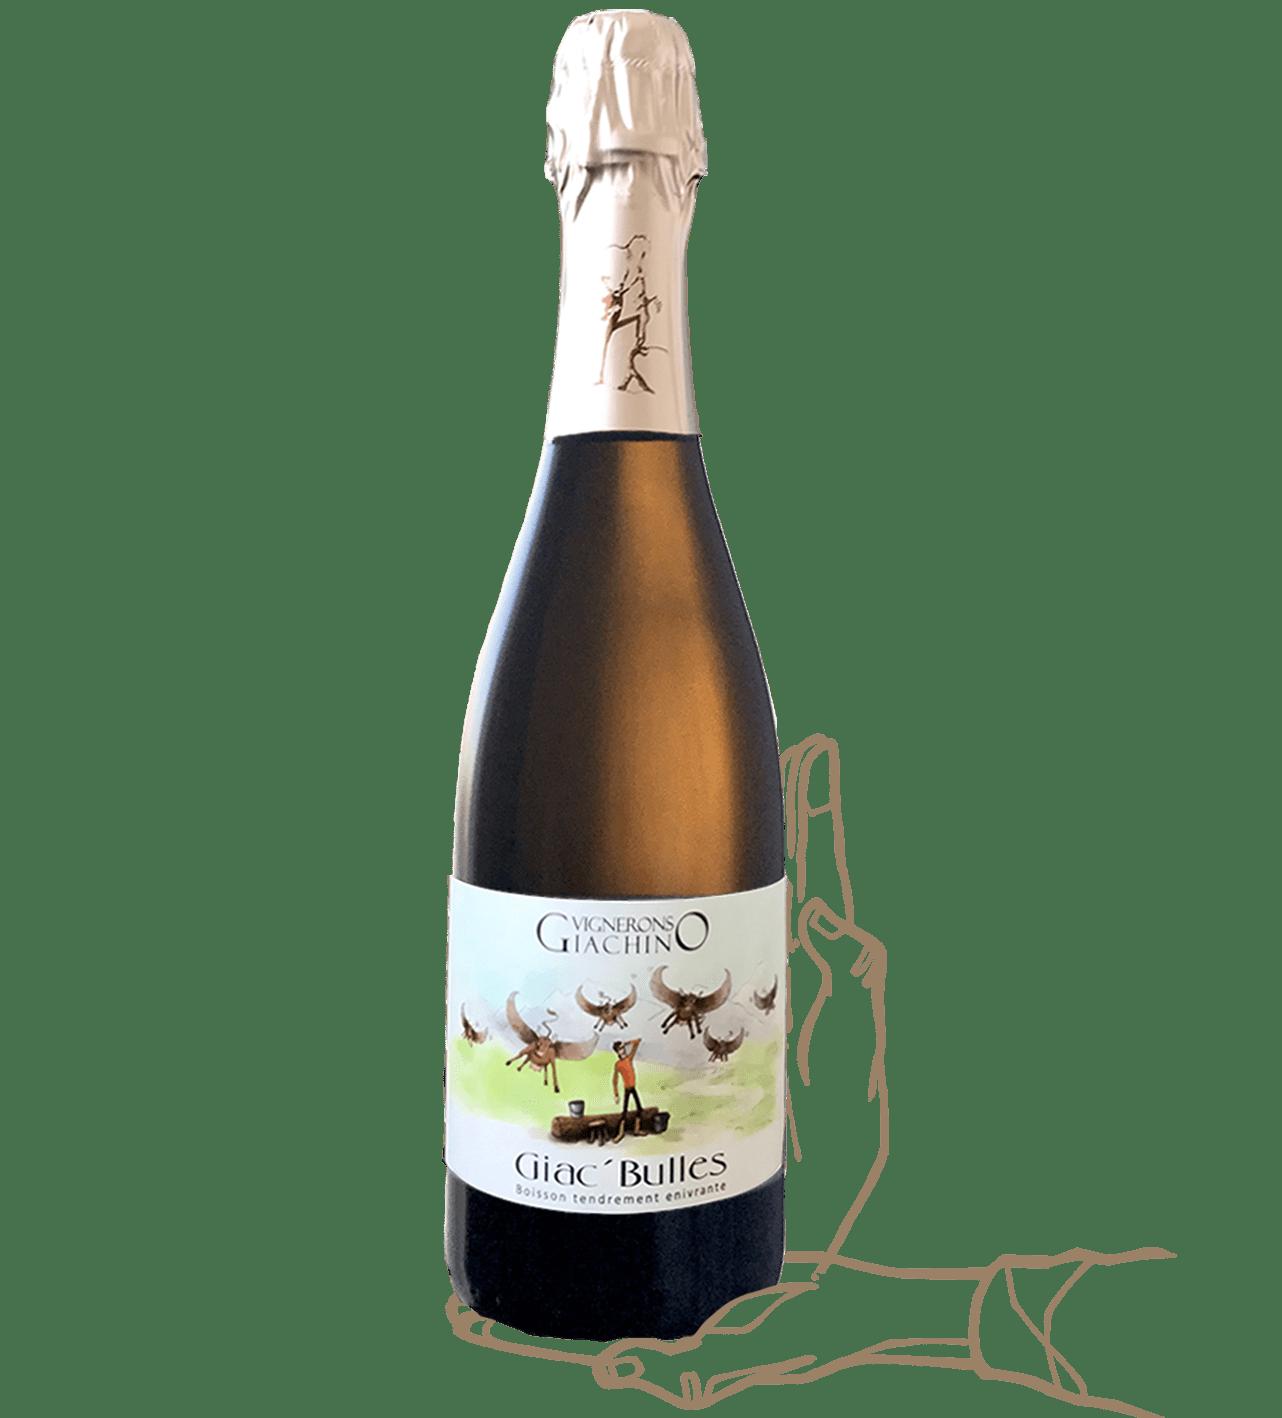 Giac bulle est un vin naturel du domaine giachino en savoie